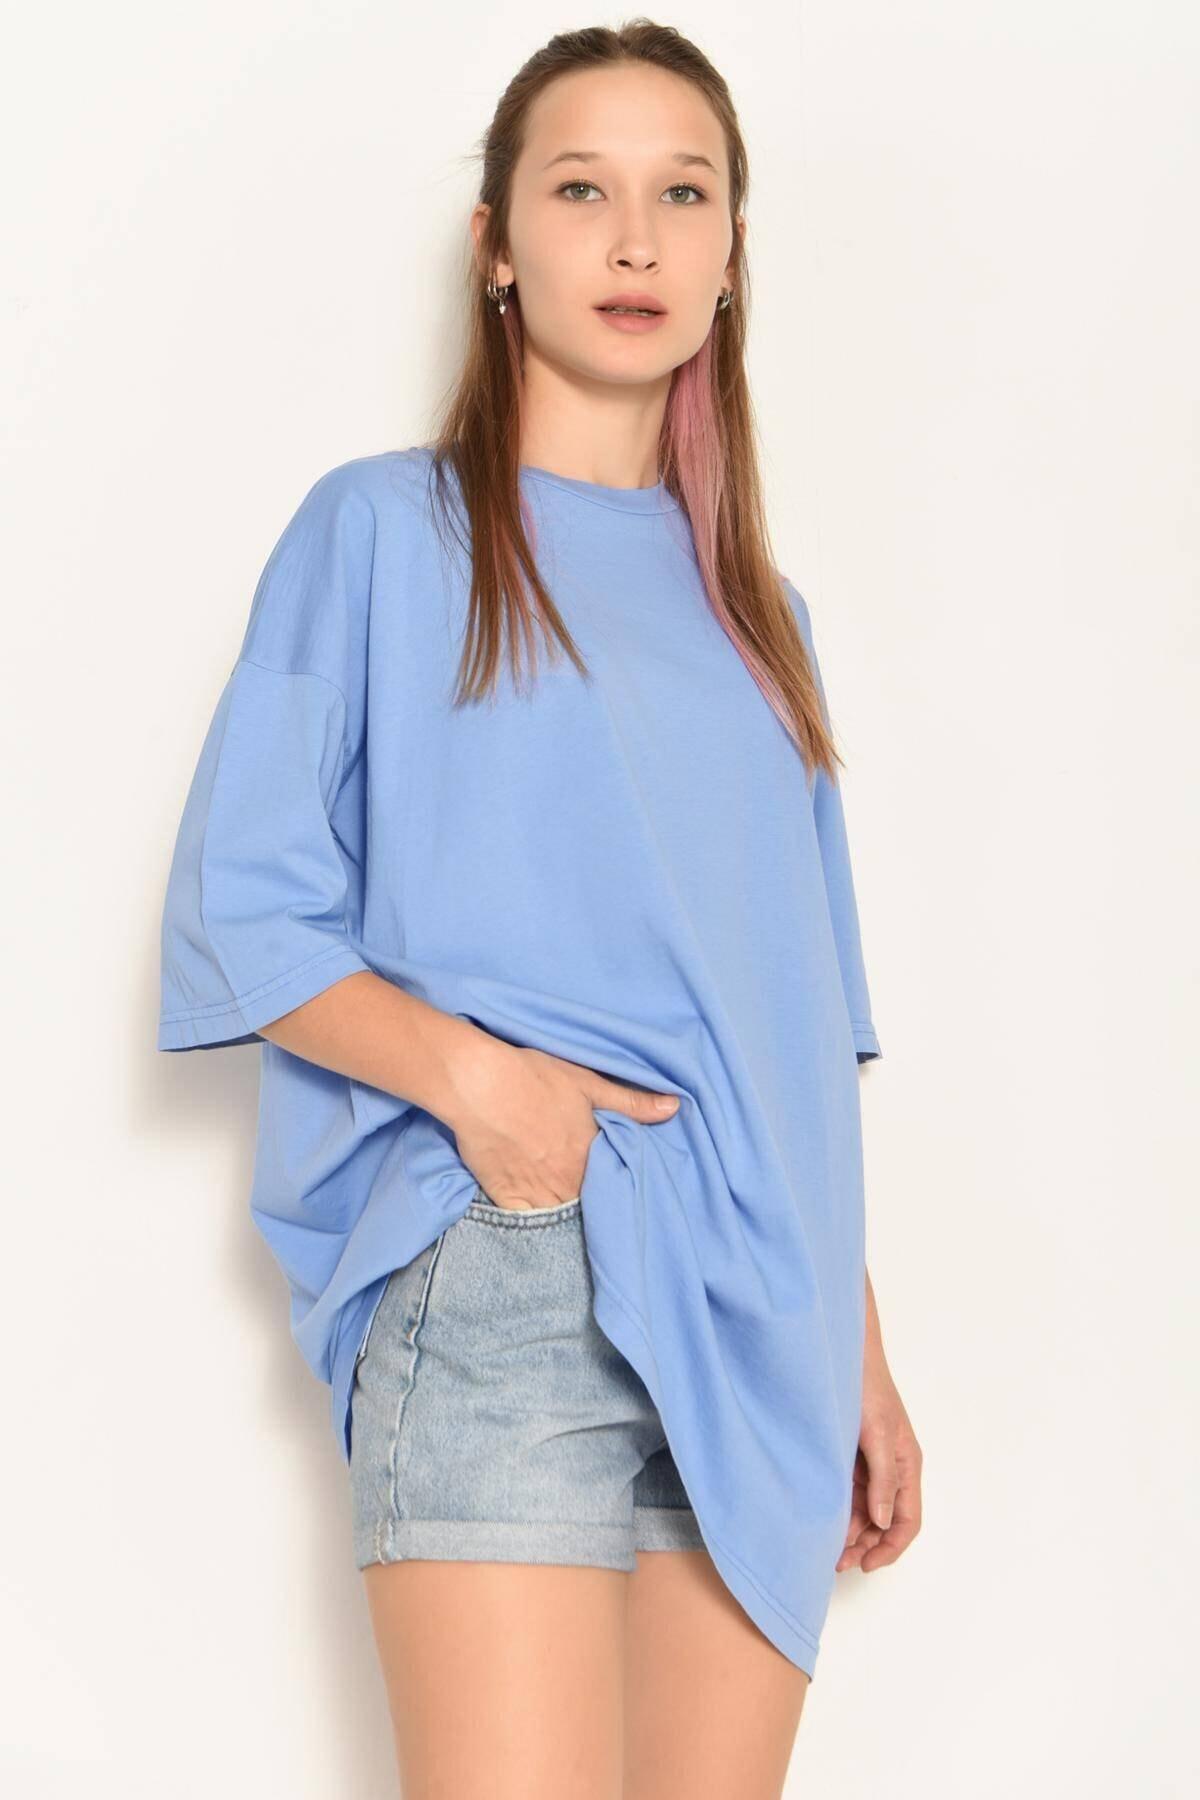 Addax Basic T-shirt P0948 - Y1 1